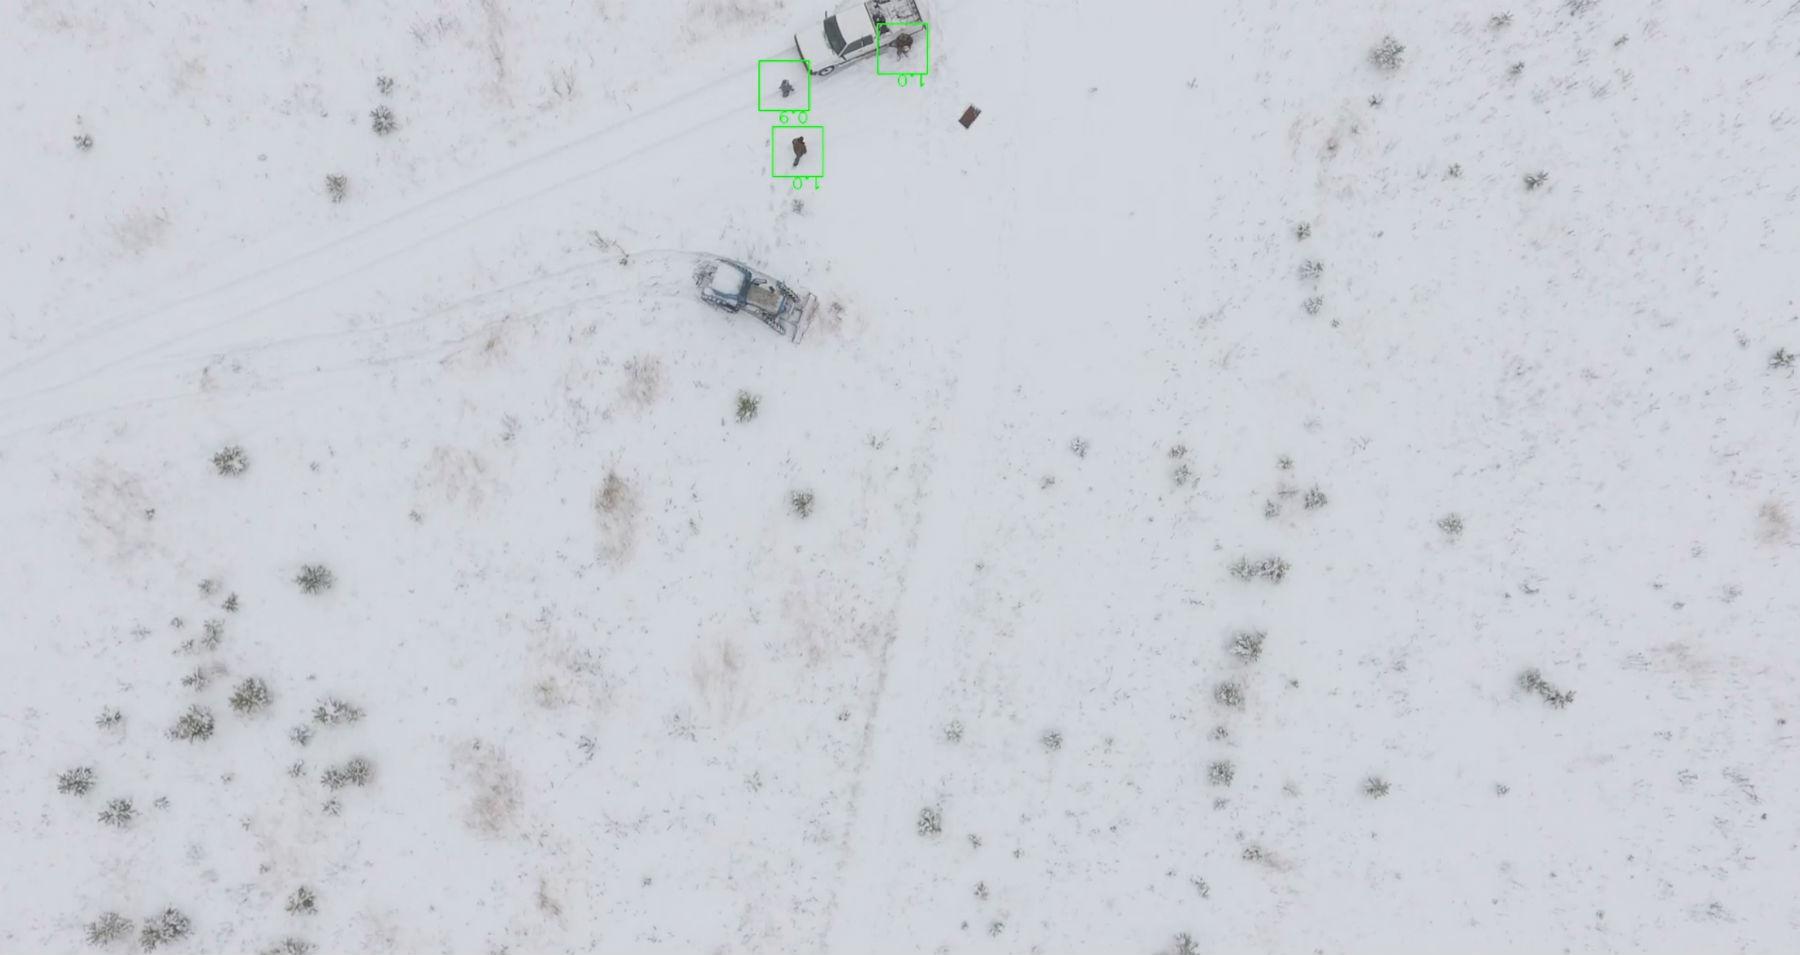 Обыскать 314 км² за 10 часов — финальное сражение инженеров-поисковиков против леса - 11